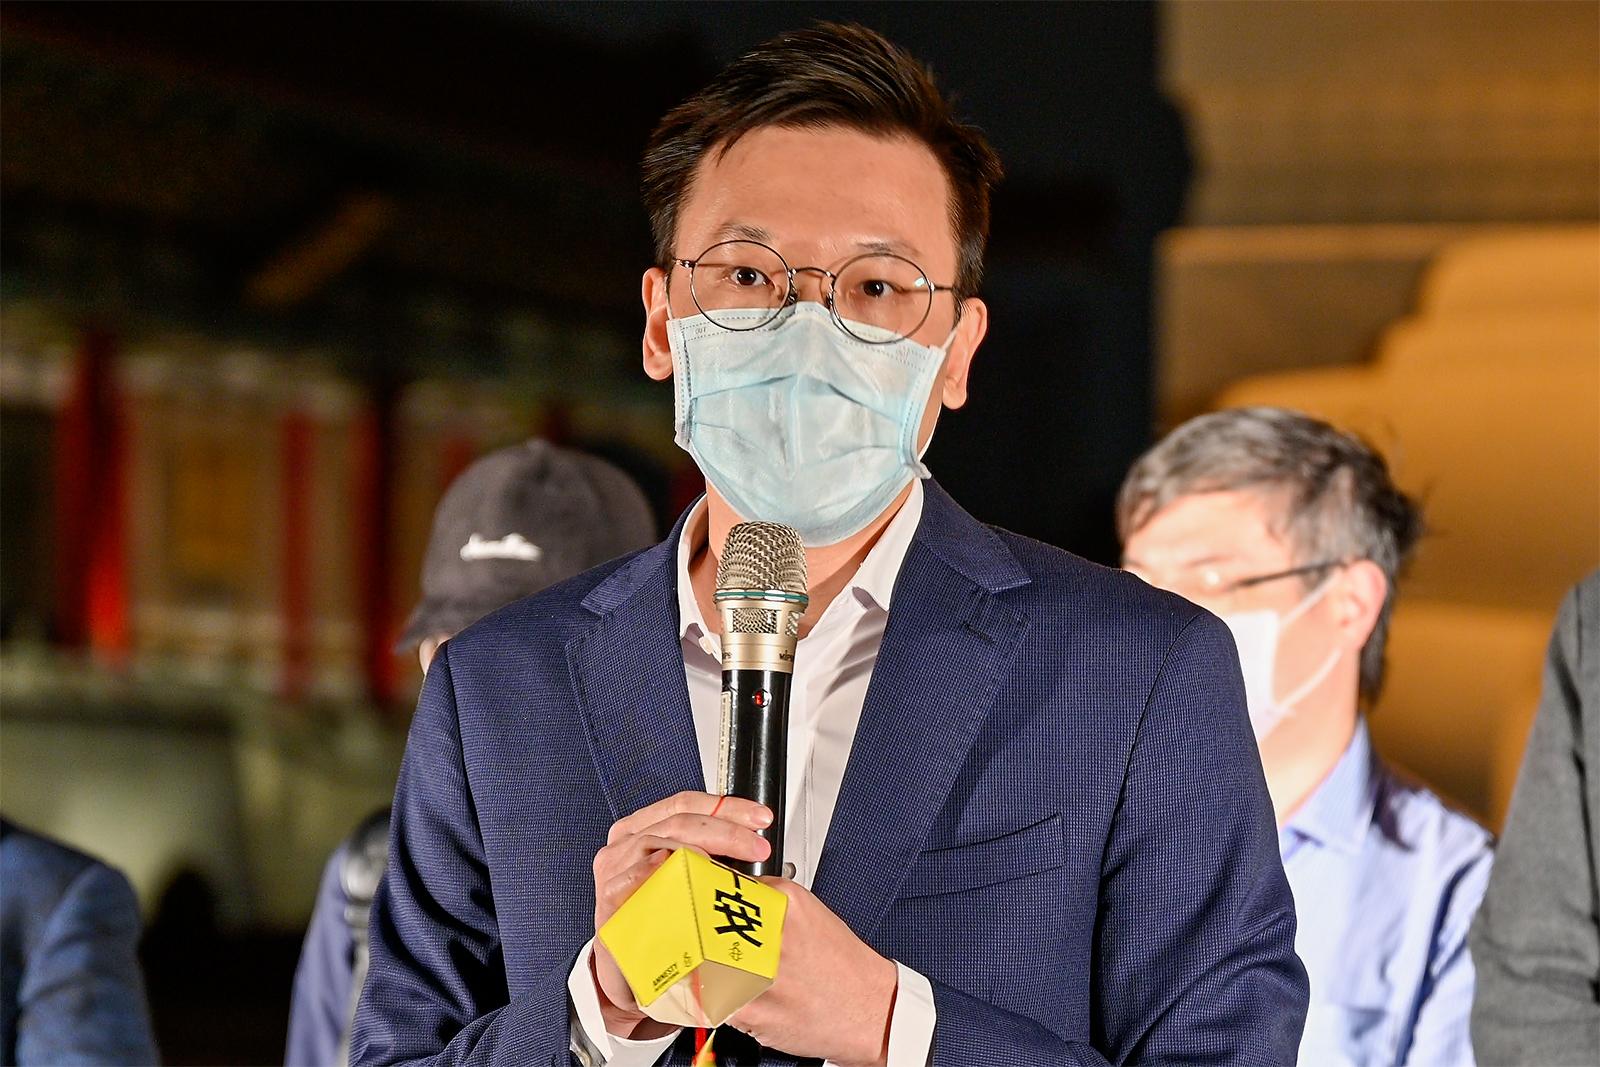 2021年2月8日,民进党副秘书长林飞帆:希望政府能和民间团体合作拯救受中国迫害人士。(锺广政 摄)